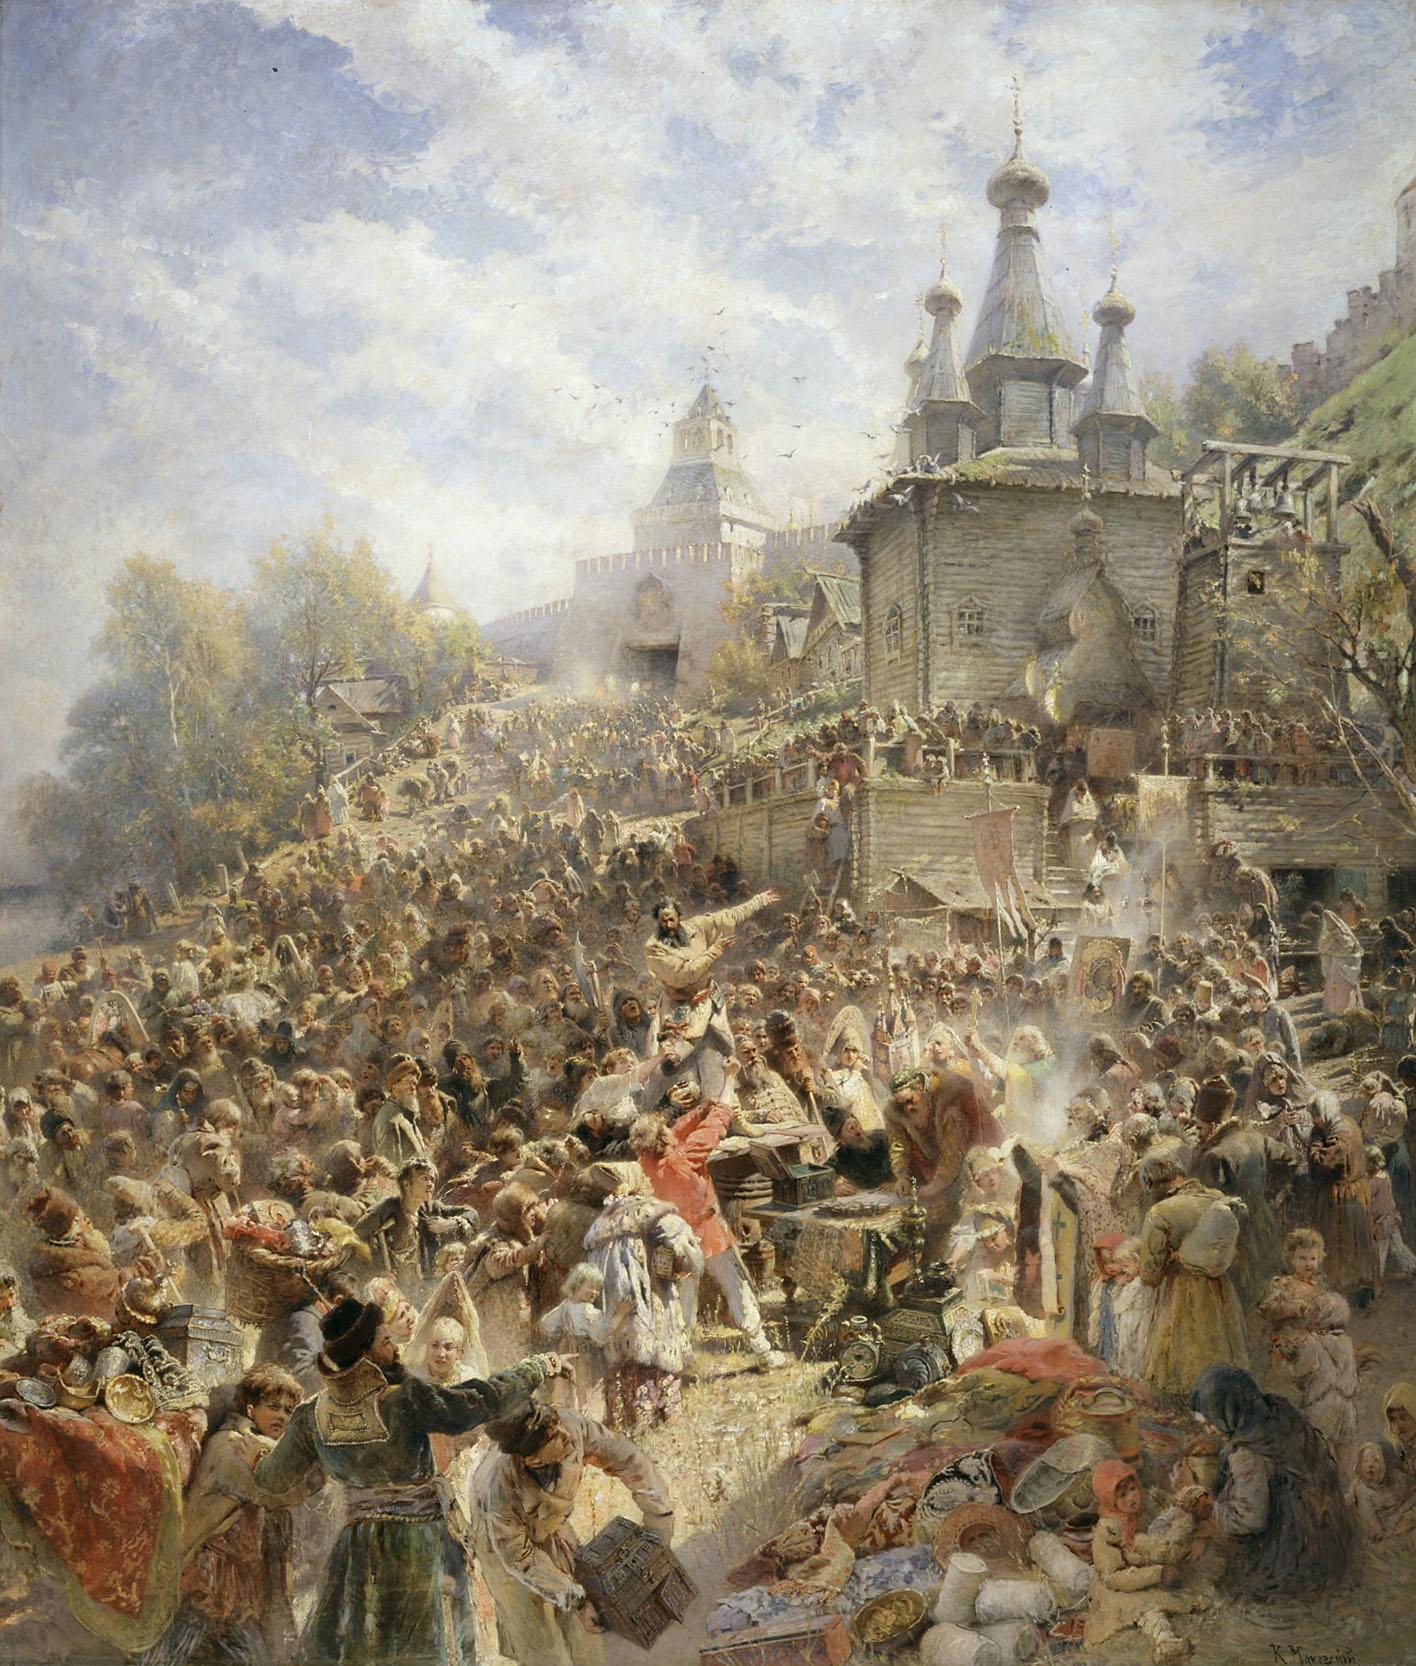 Всенародный сбор средств на ополчение. Триста лет традиций русского краудфандинга!